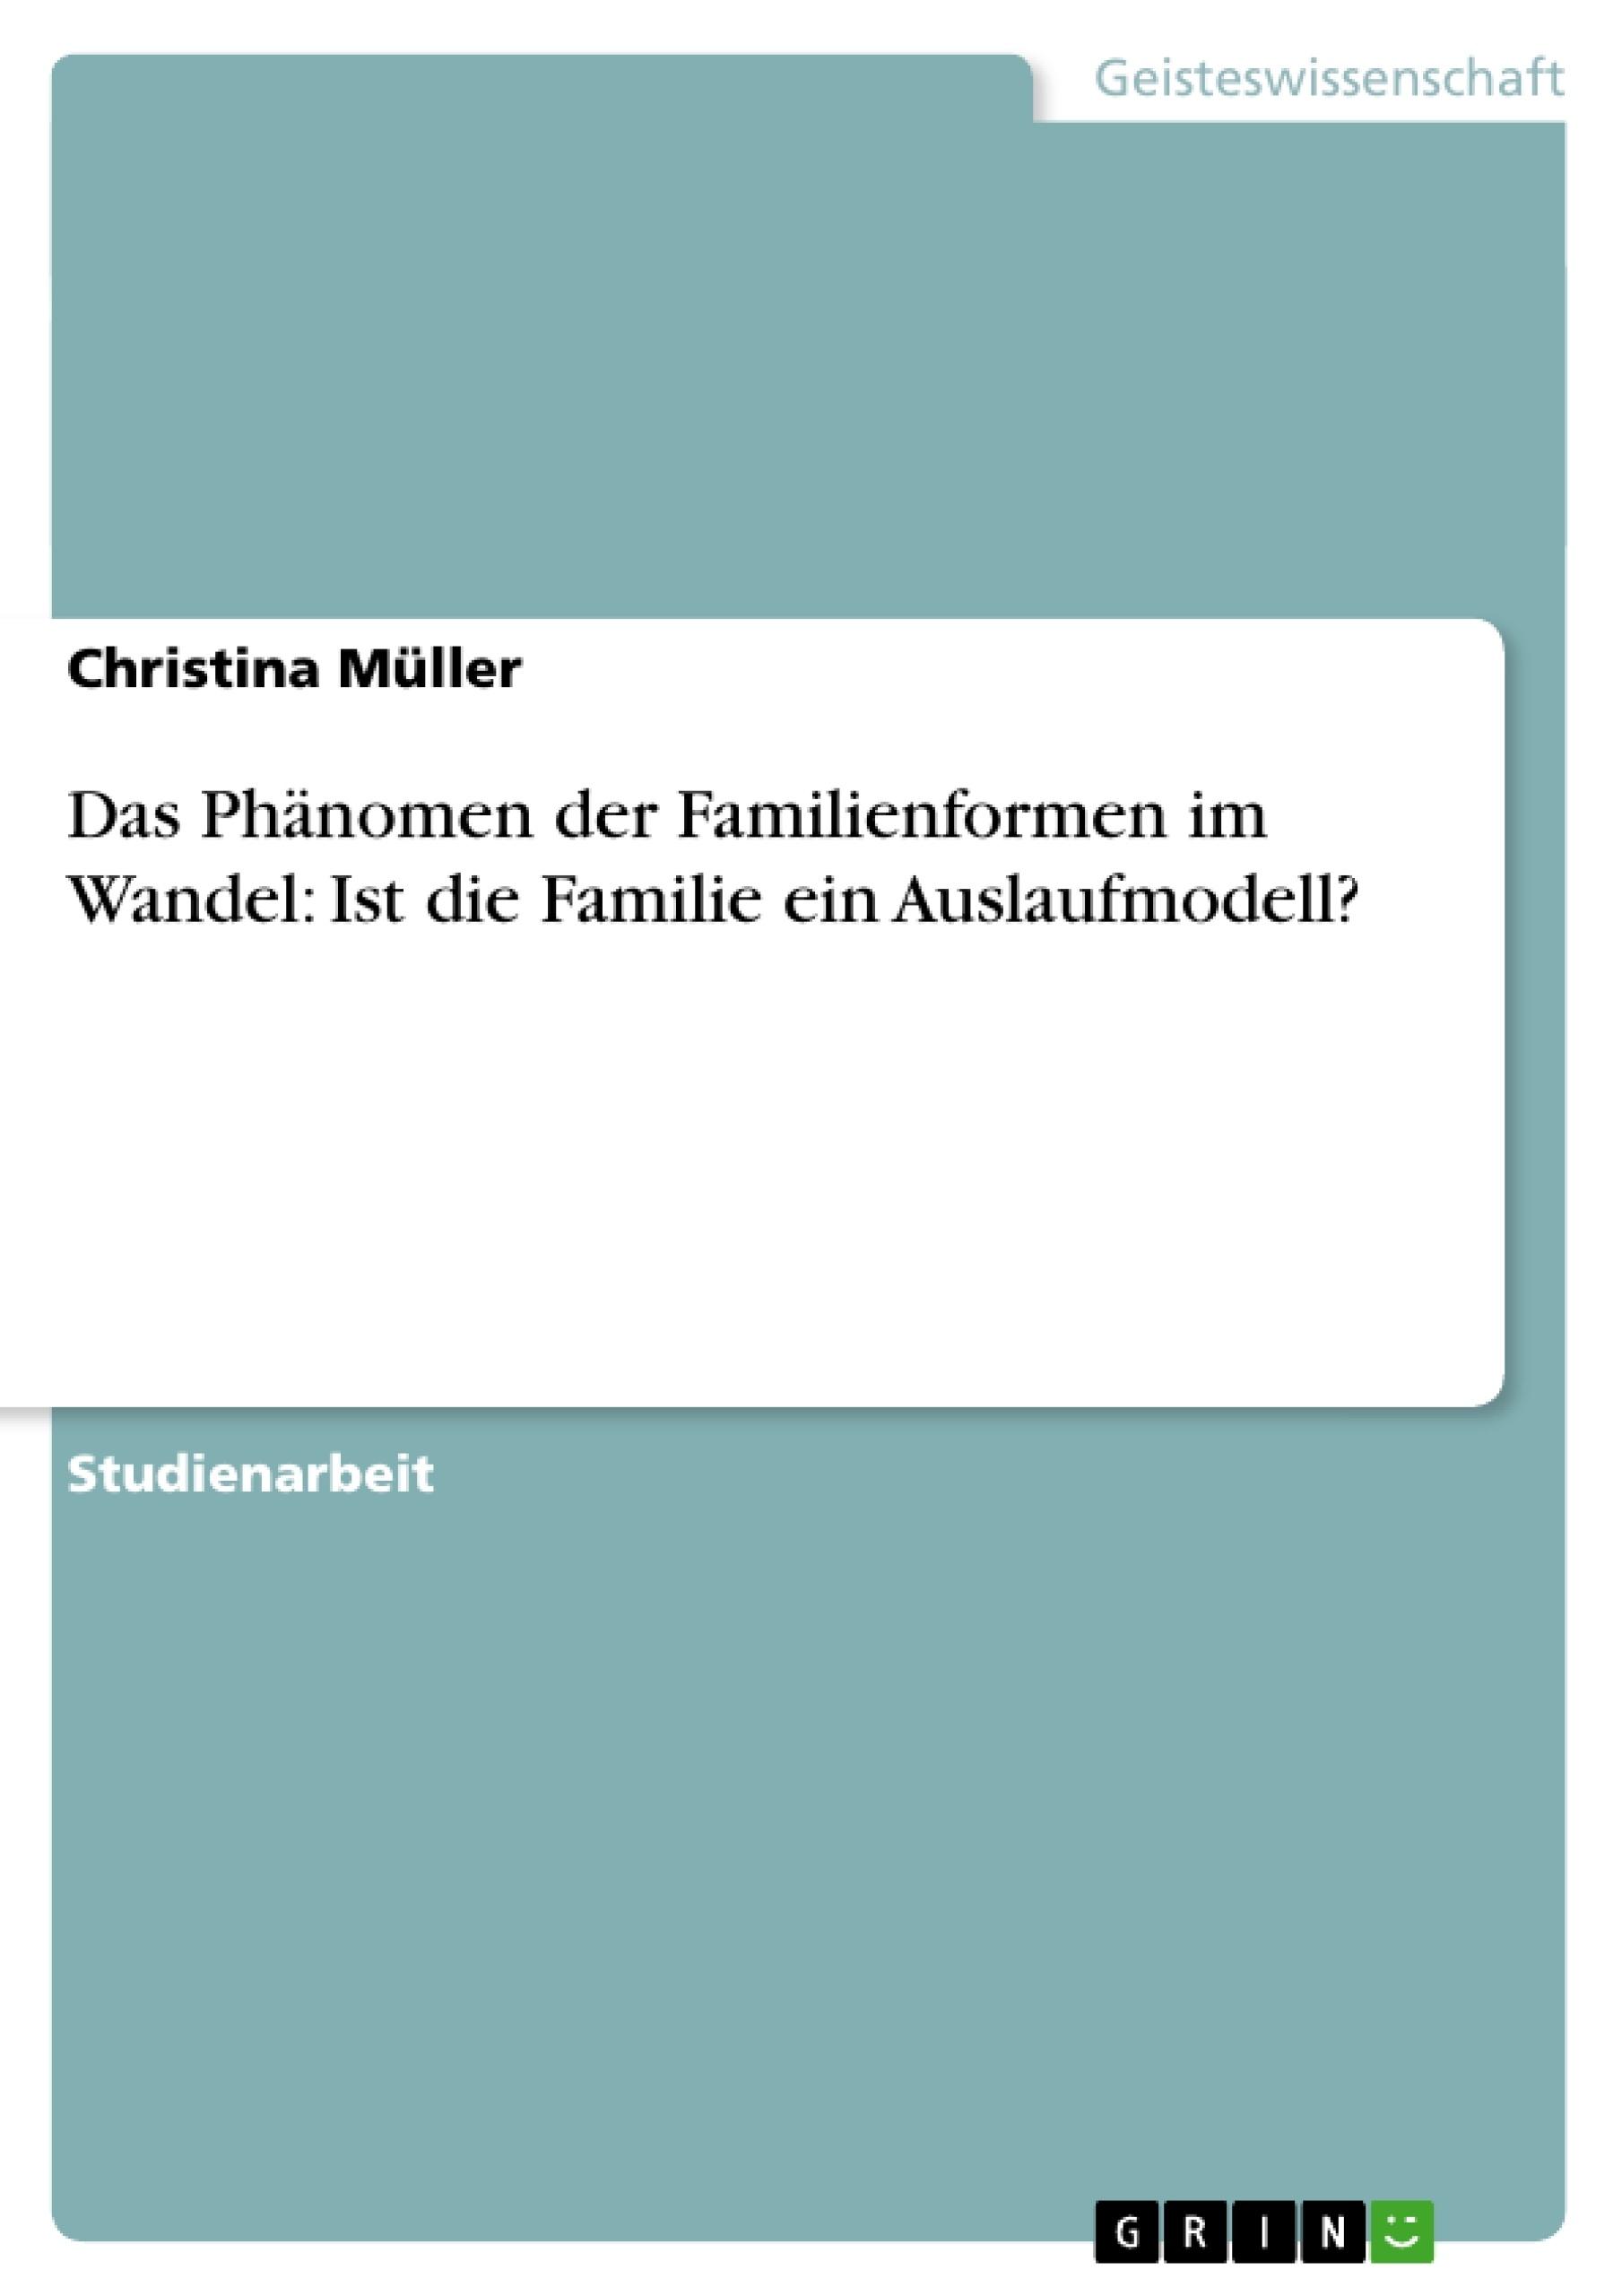 Titel: Das Phänomen der Familienformen im Wandel: Ist die Familie ein Auslaufmodell?